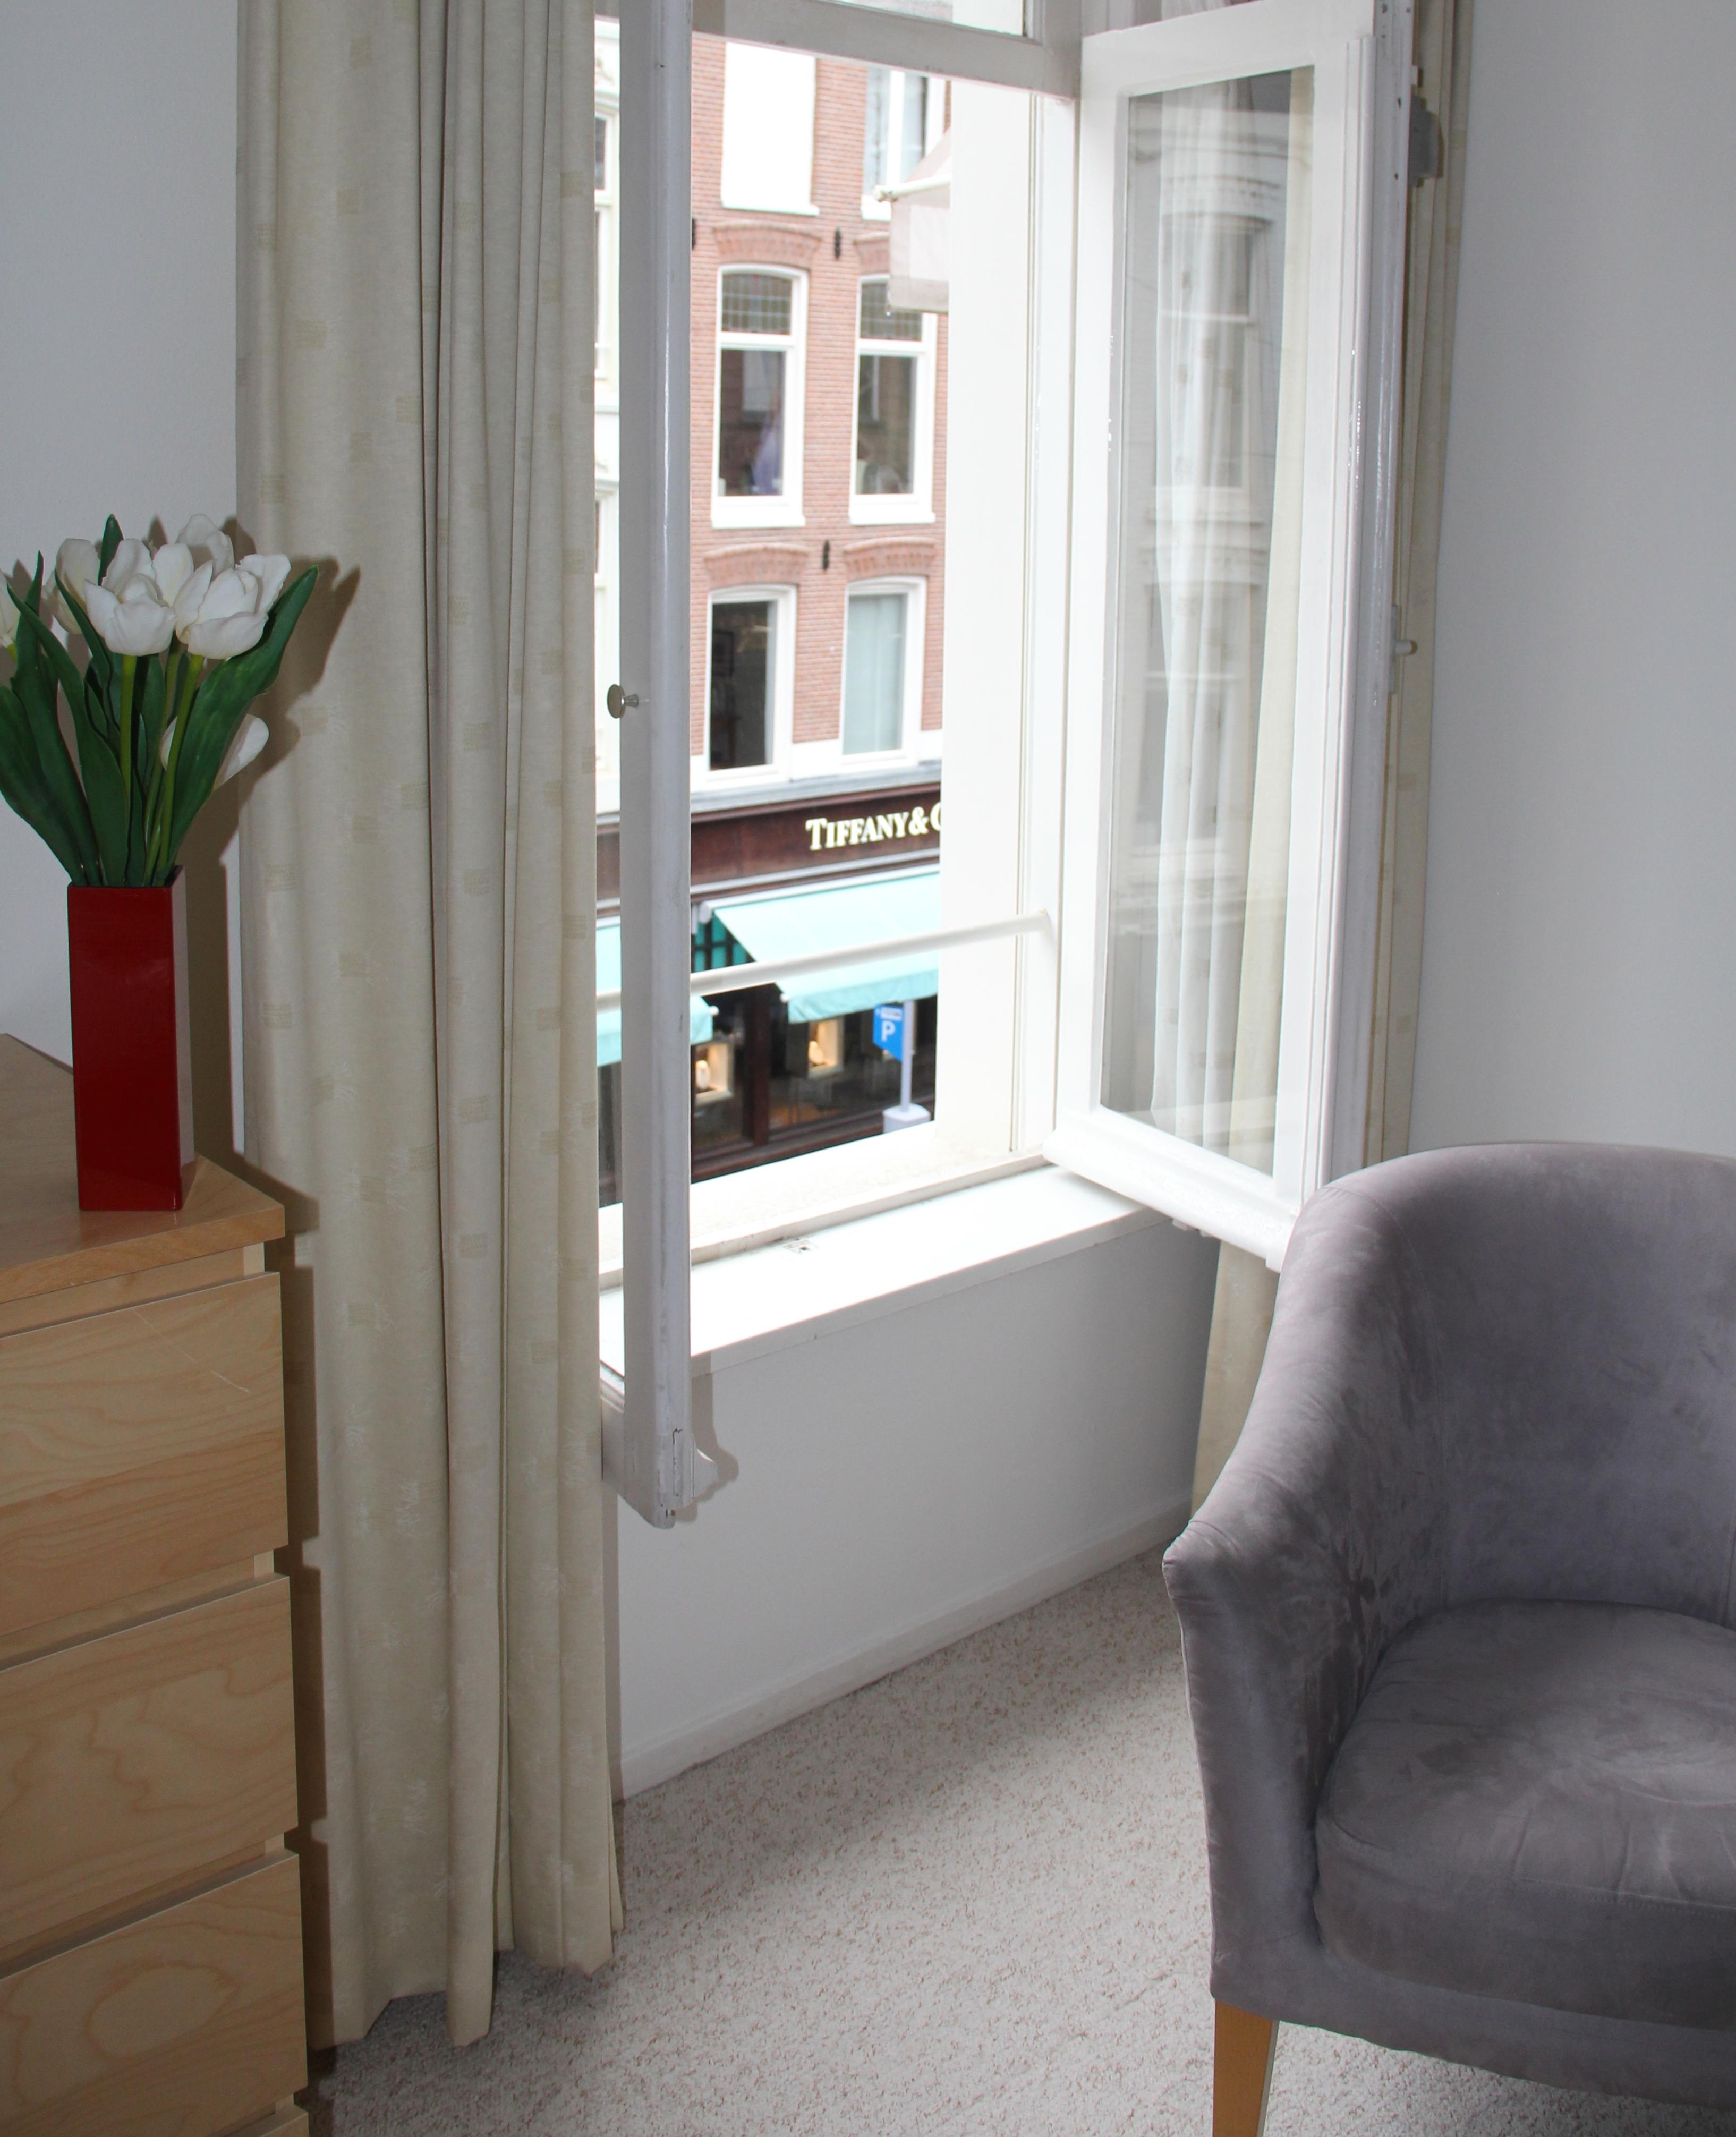 Alugando apartamento na P.C. Hooftstraat em Amsterdam: veja como foi! #624D3B 3268 4023